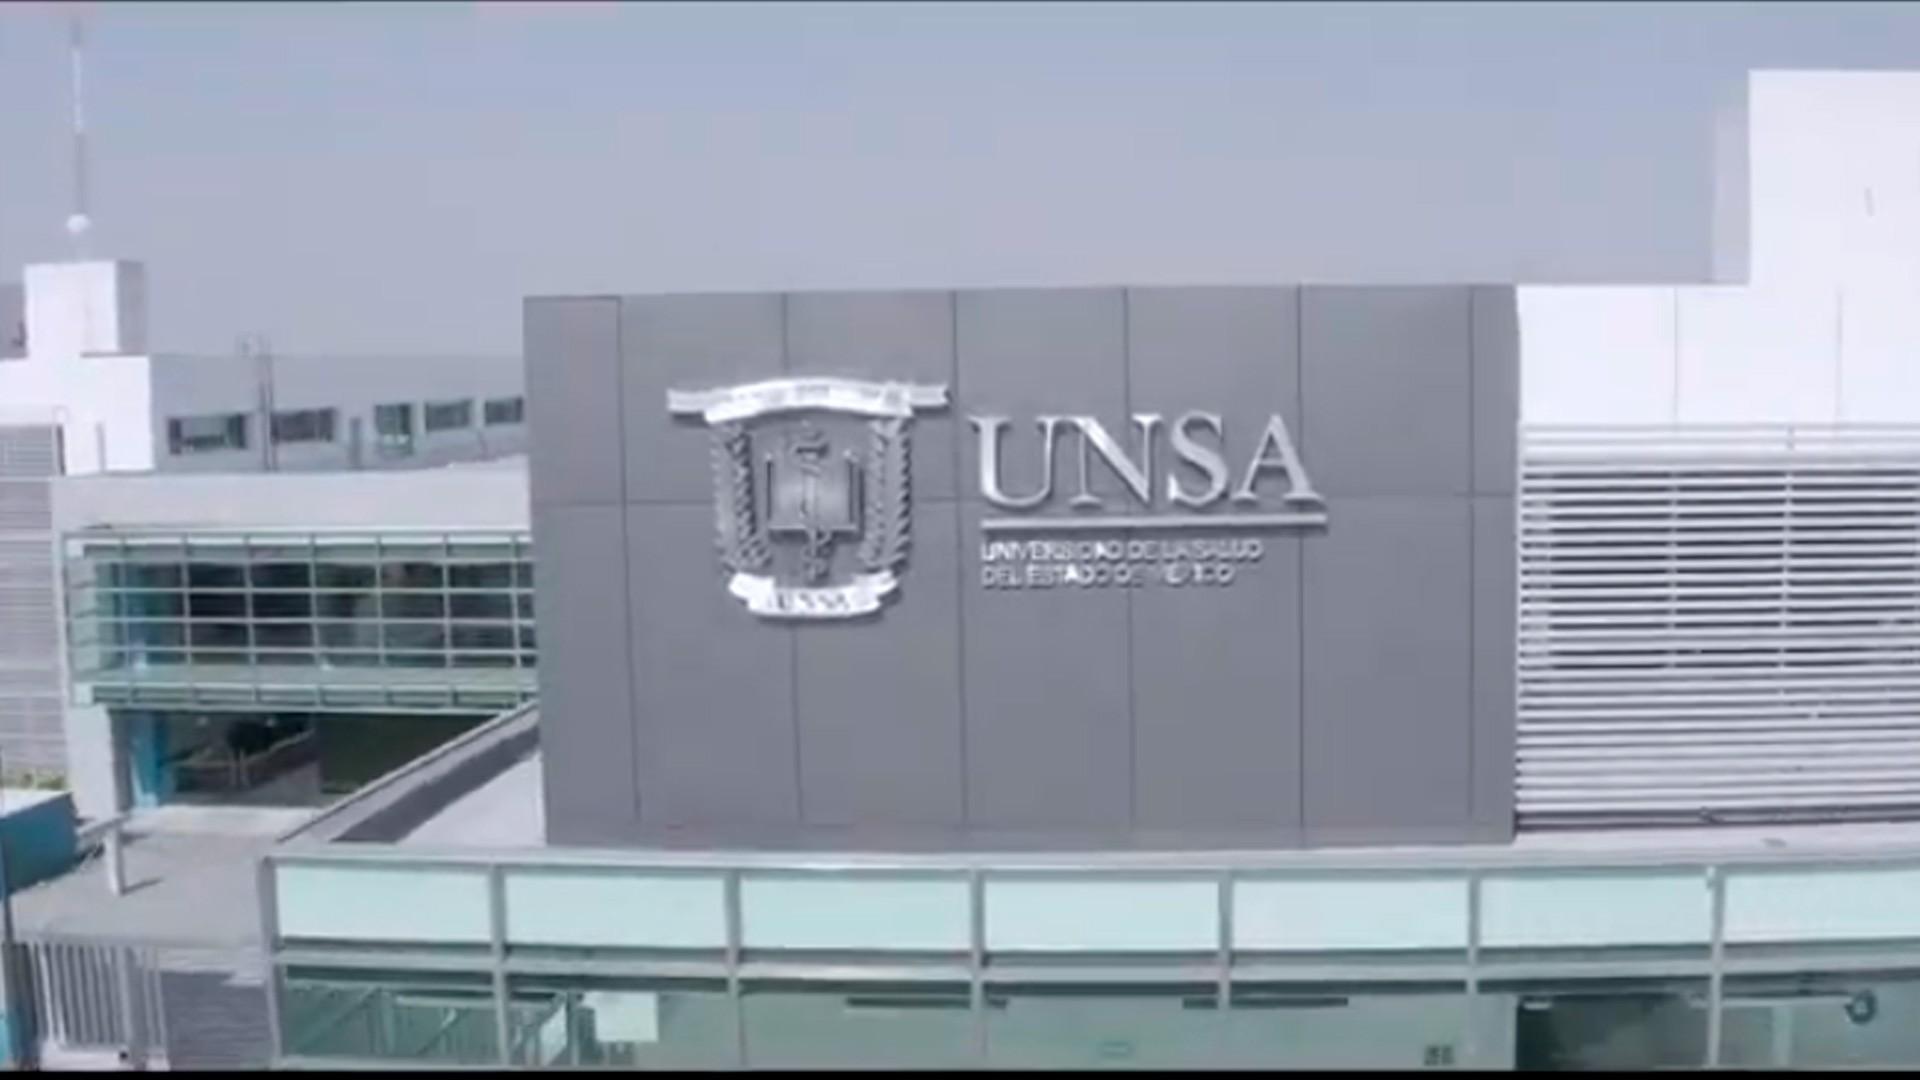 UNSA - Inscripciones Abiertas 2019